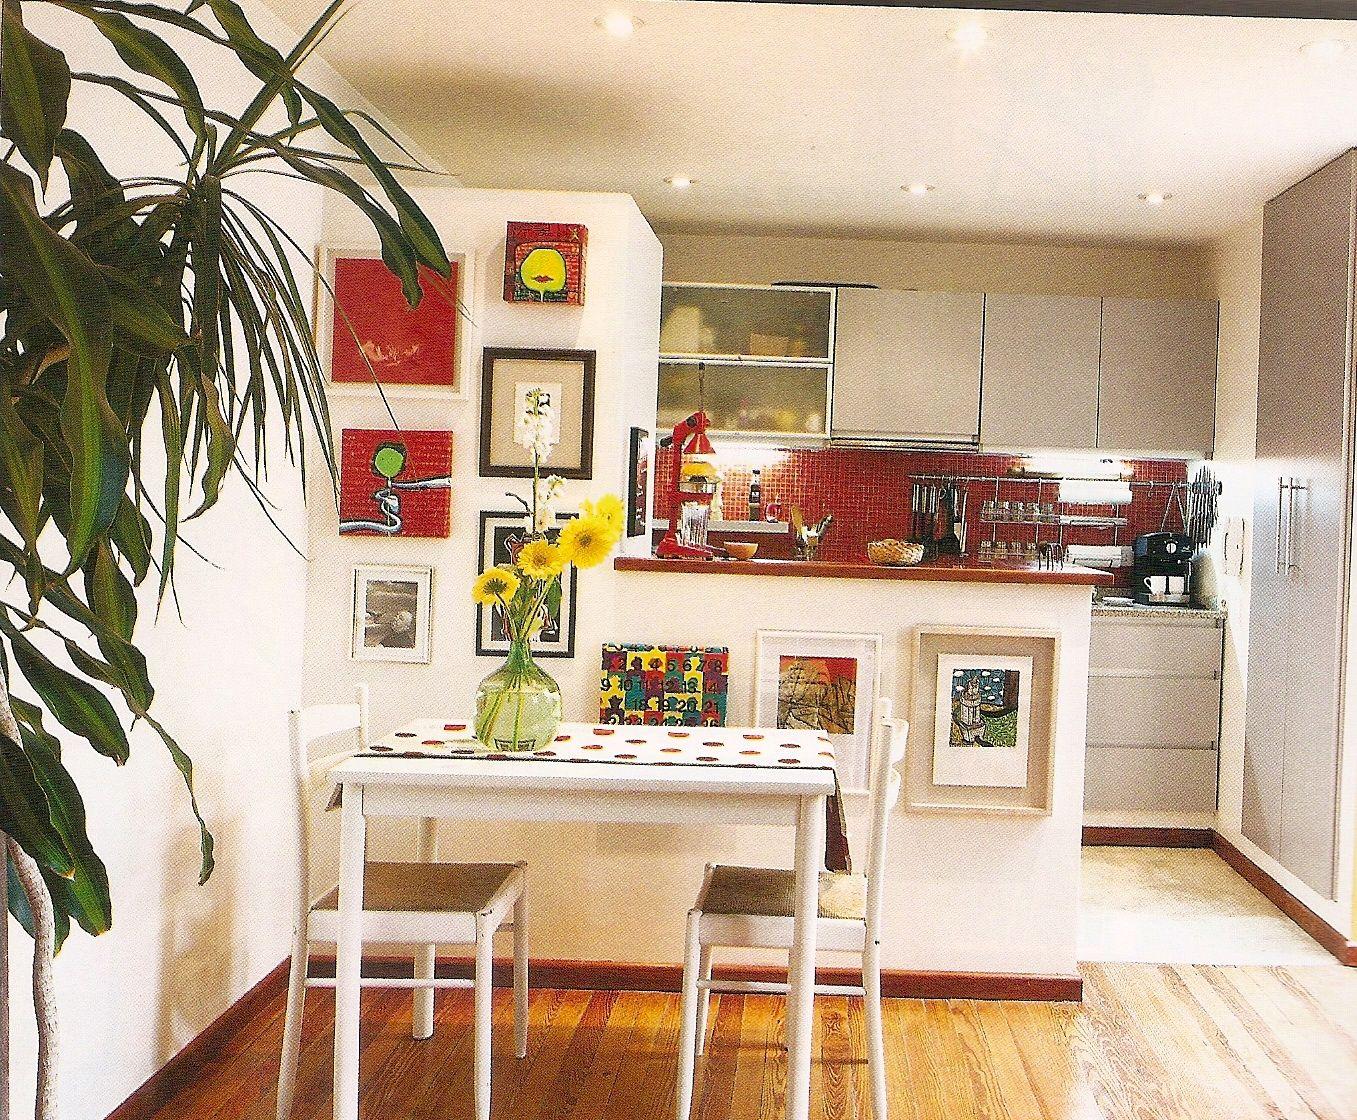 Departamento con divisi n entre cocina y peque o comedor for Muebles para comedor pequeno